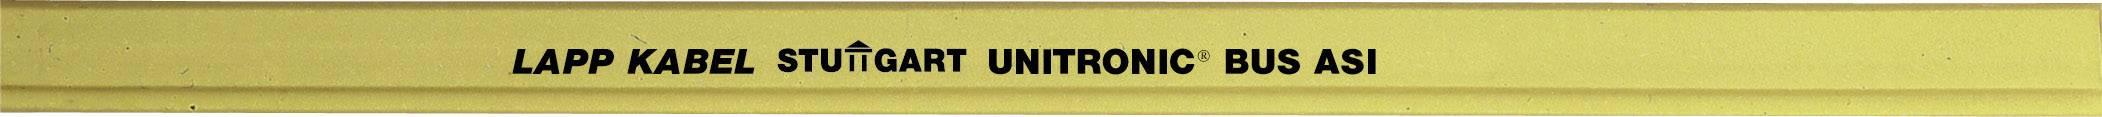 Sběrnicový kabel LappKabel UNITRONIC® BUS 2170230, žlutá, 300 m